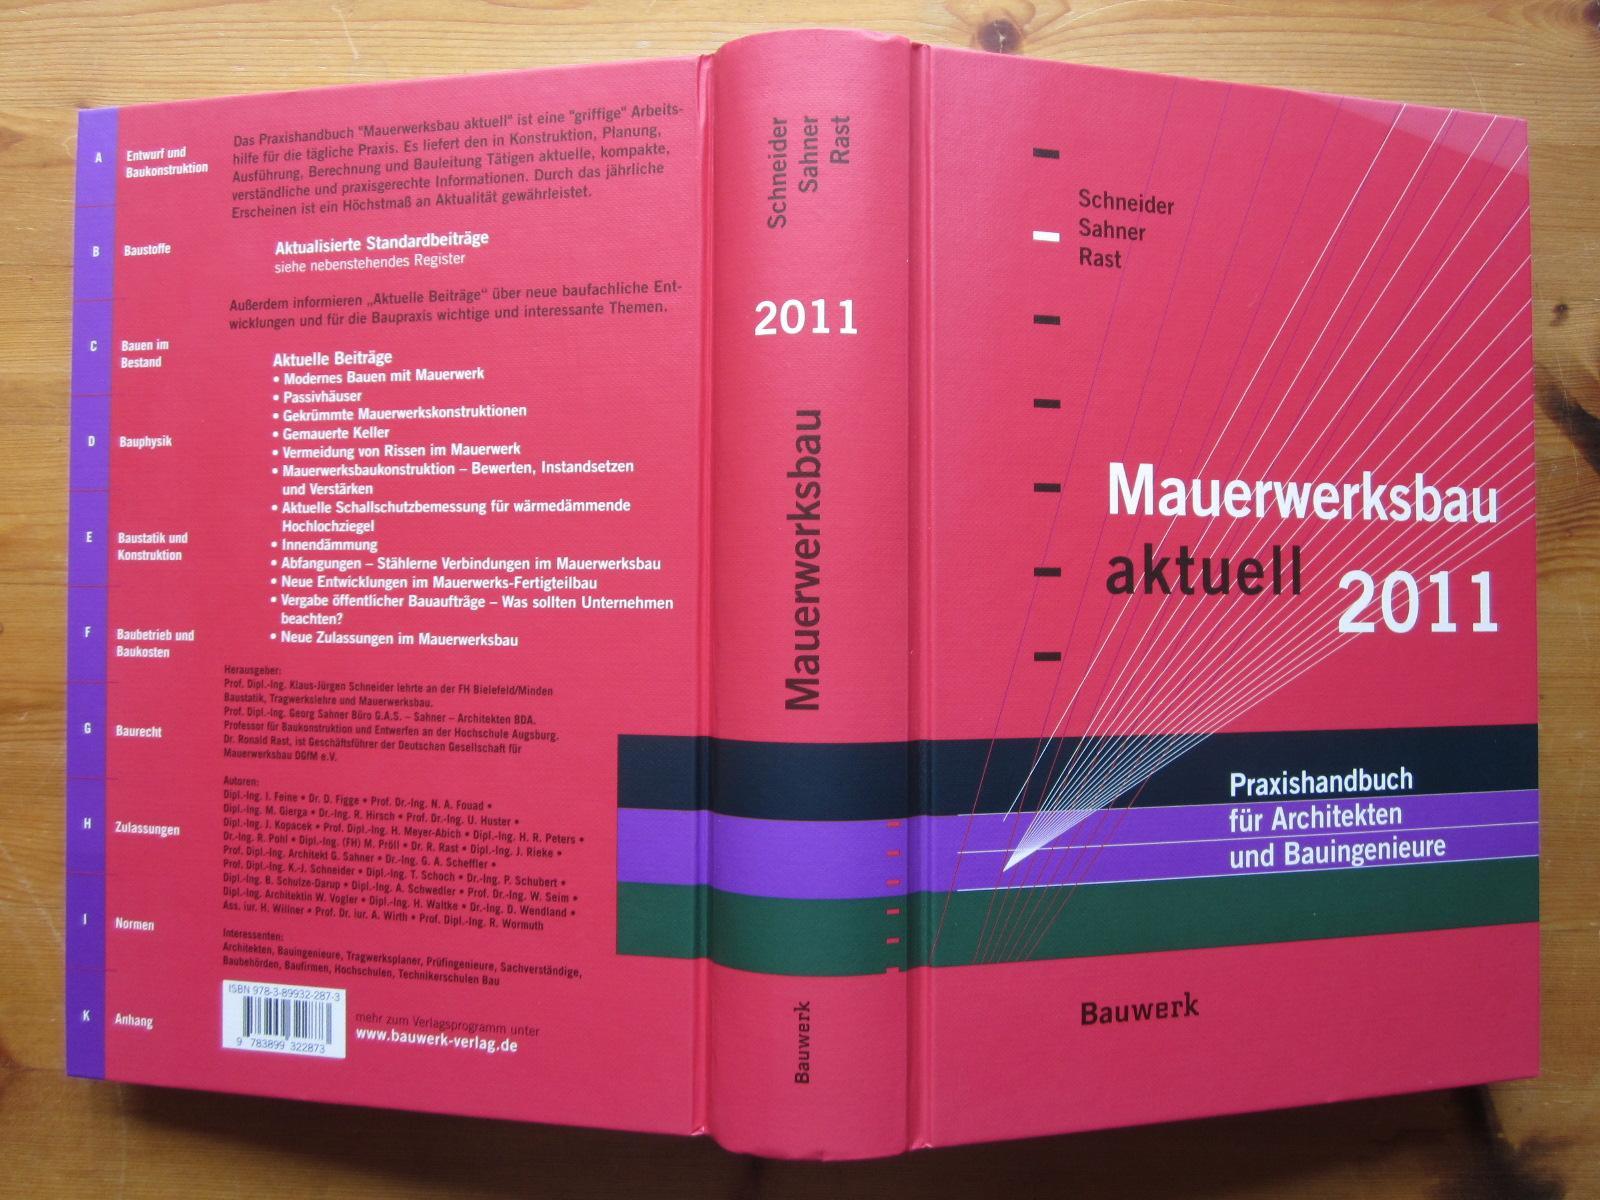 Mauerwerksbau aktuell 2011. Praxishandbuch für Architekten und Bauingenieure. - Schneider, Klaus-Jürgen; Georg Sahner und Roland Rast (Herausgeber)